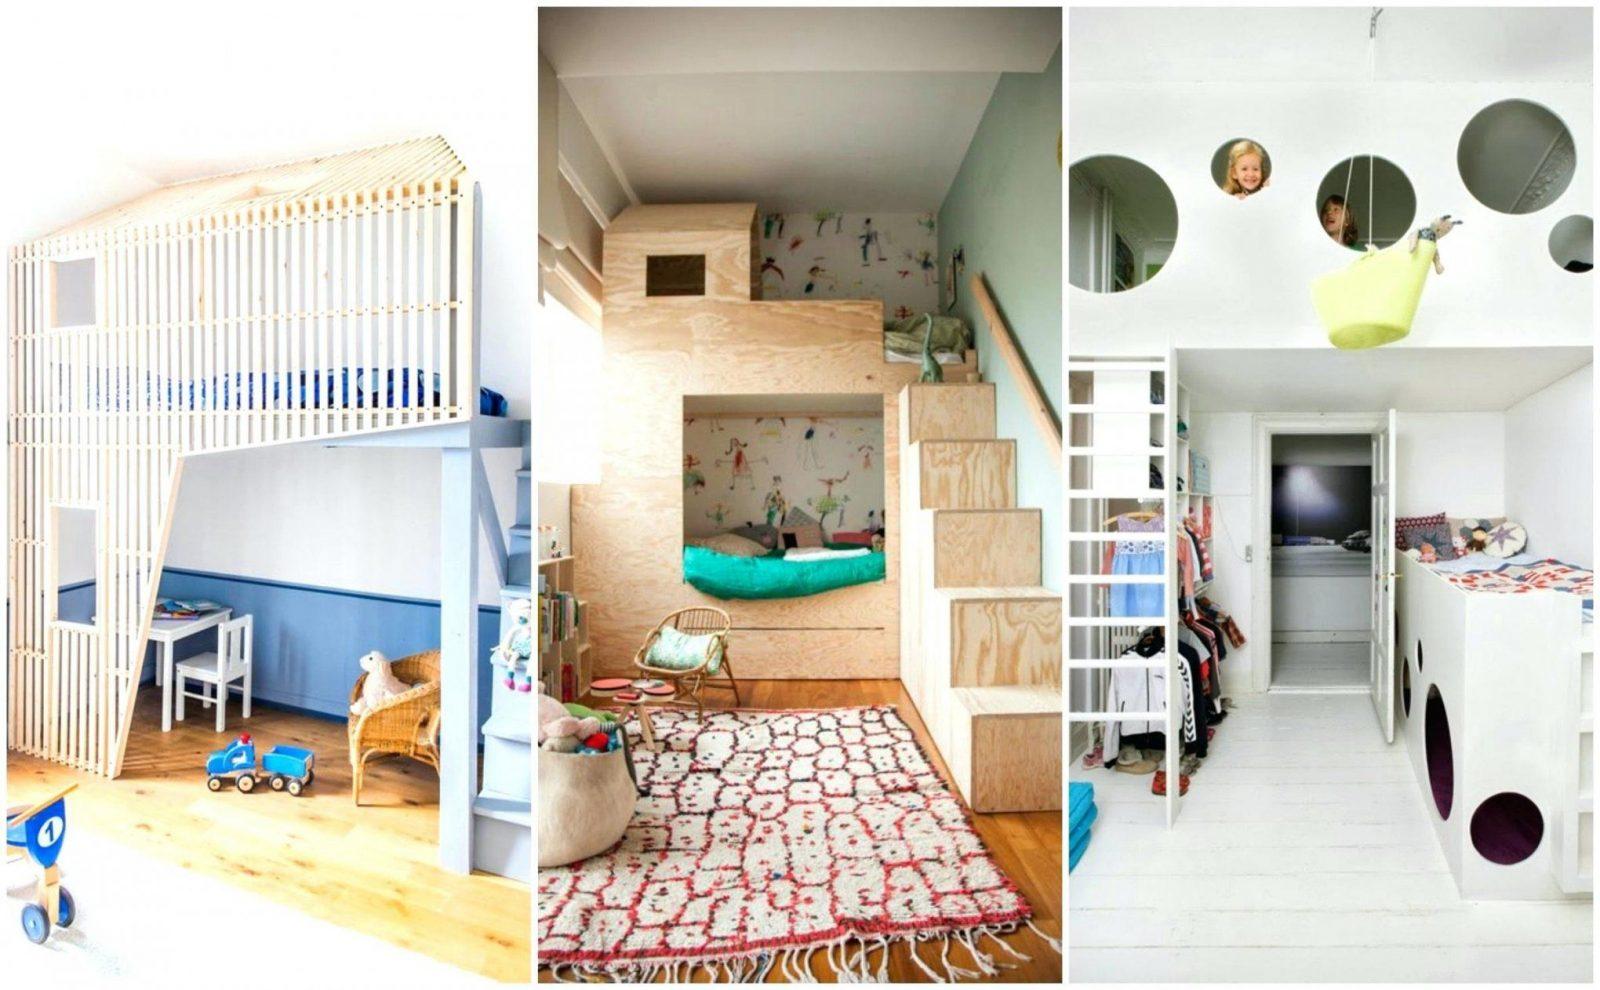 Etagenbett Mit Treppe Und Rutsche : Kinderhochbett mit schrank wunderbar hochbett weiß rutsche neu